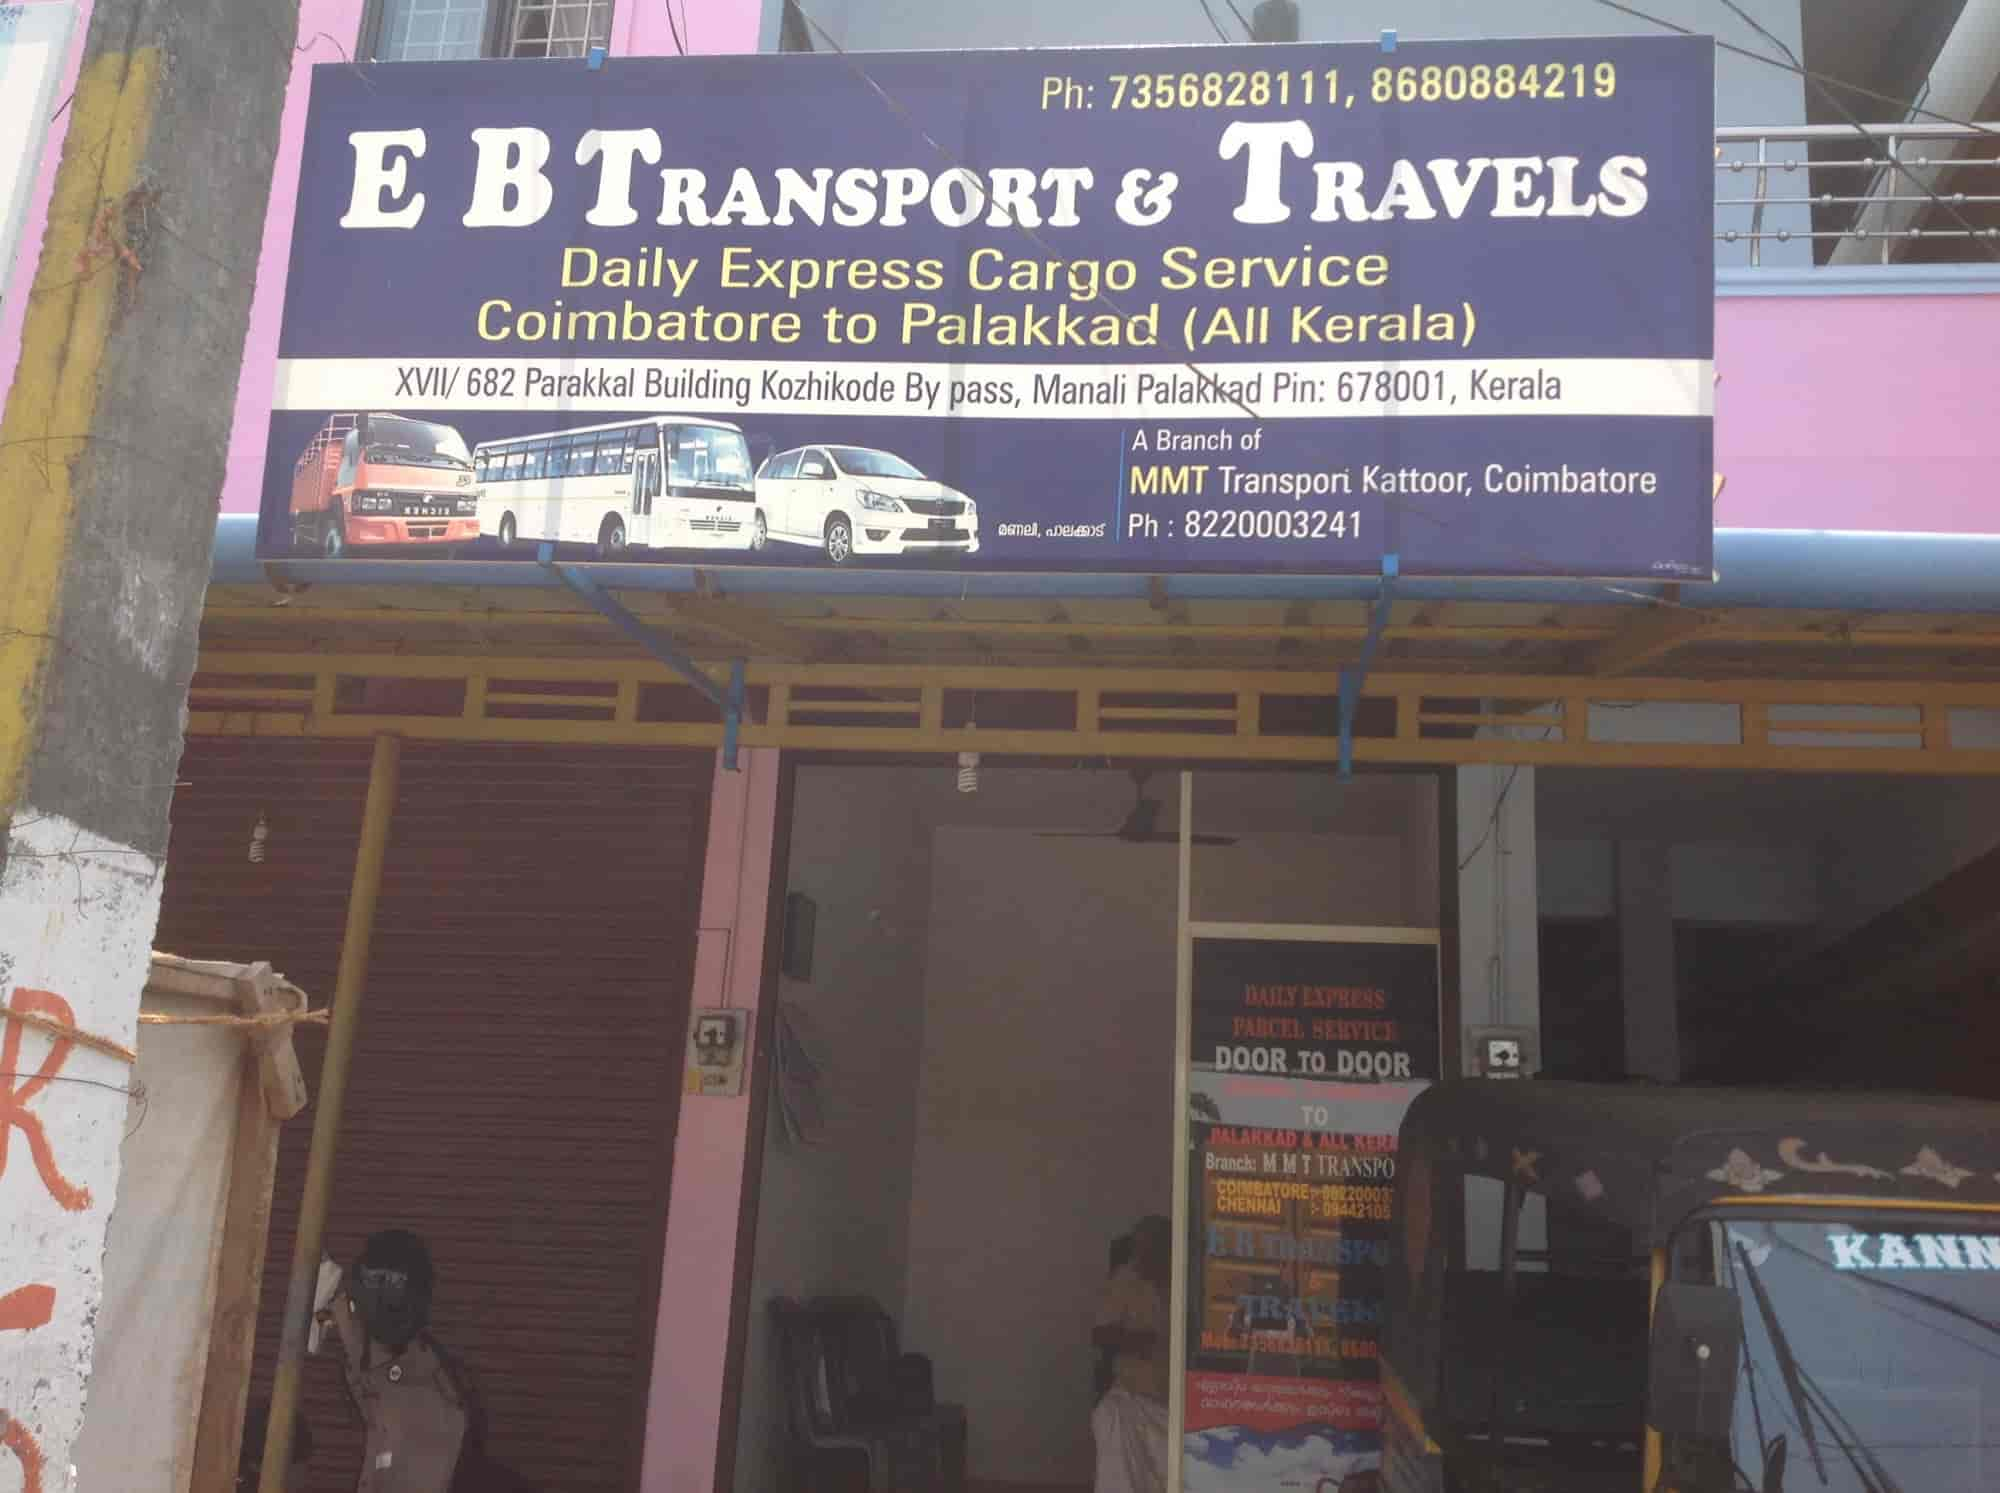 EBT Transport Photos, Palakkad HO, Palakkad- Pictures